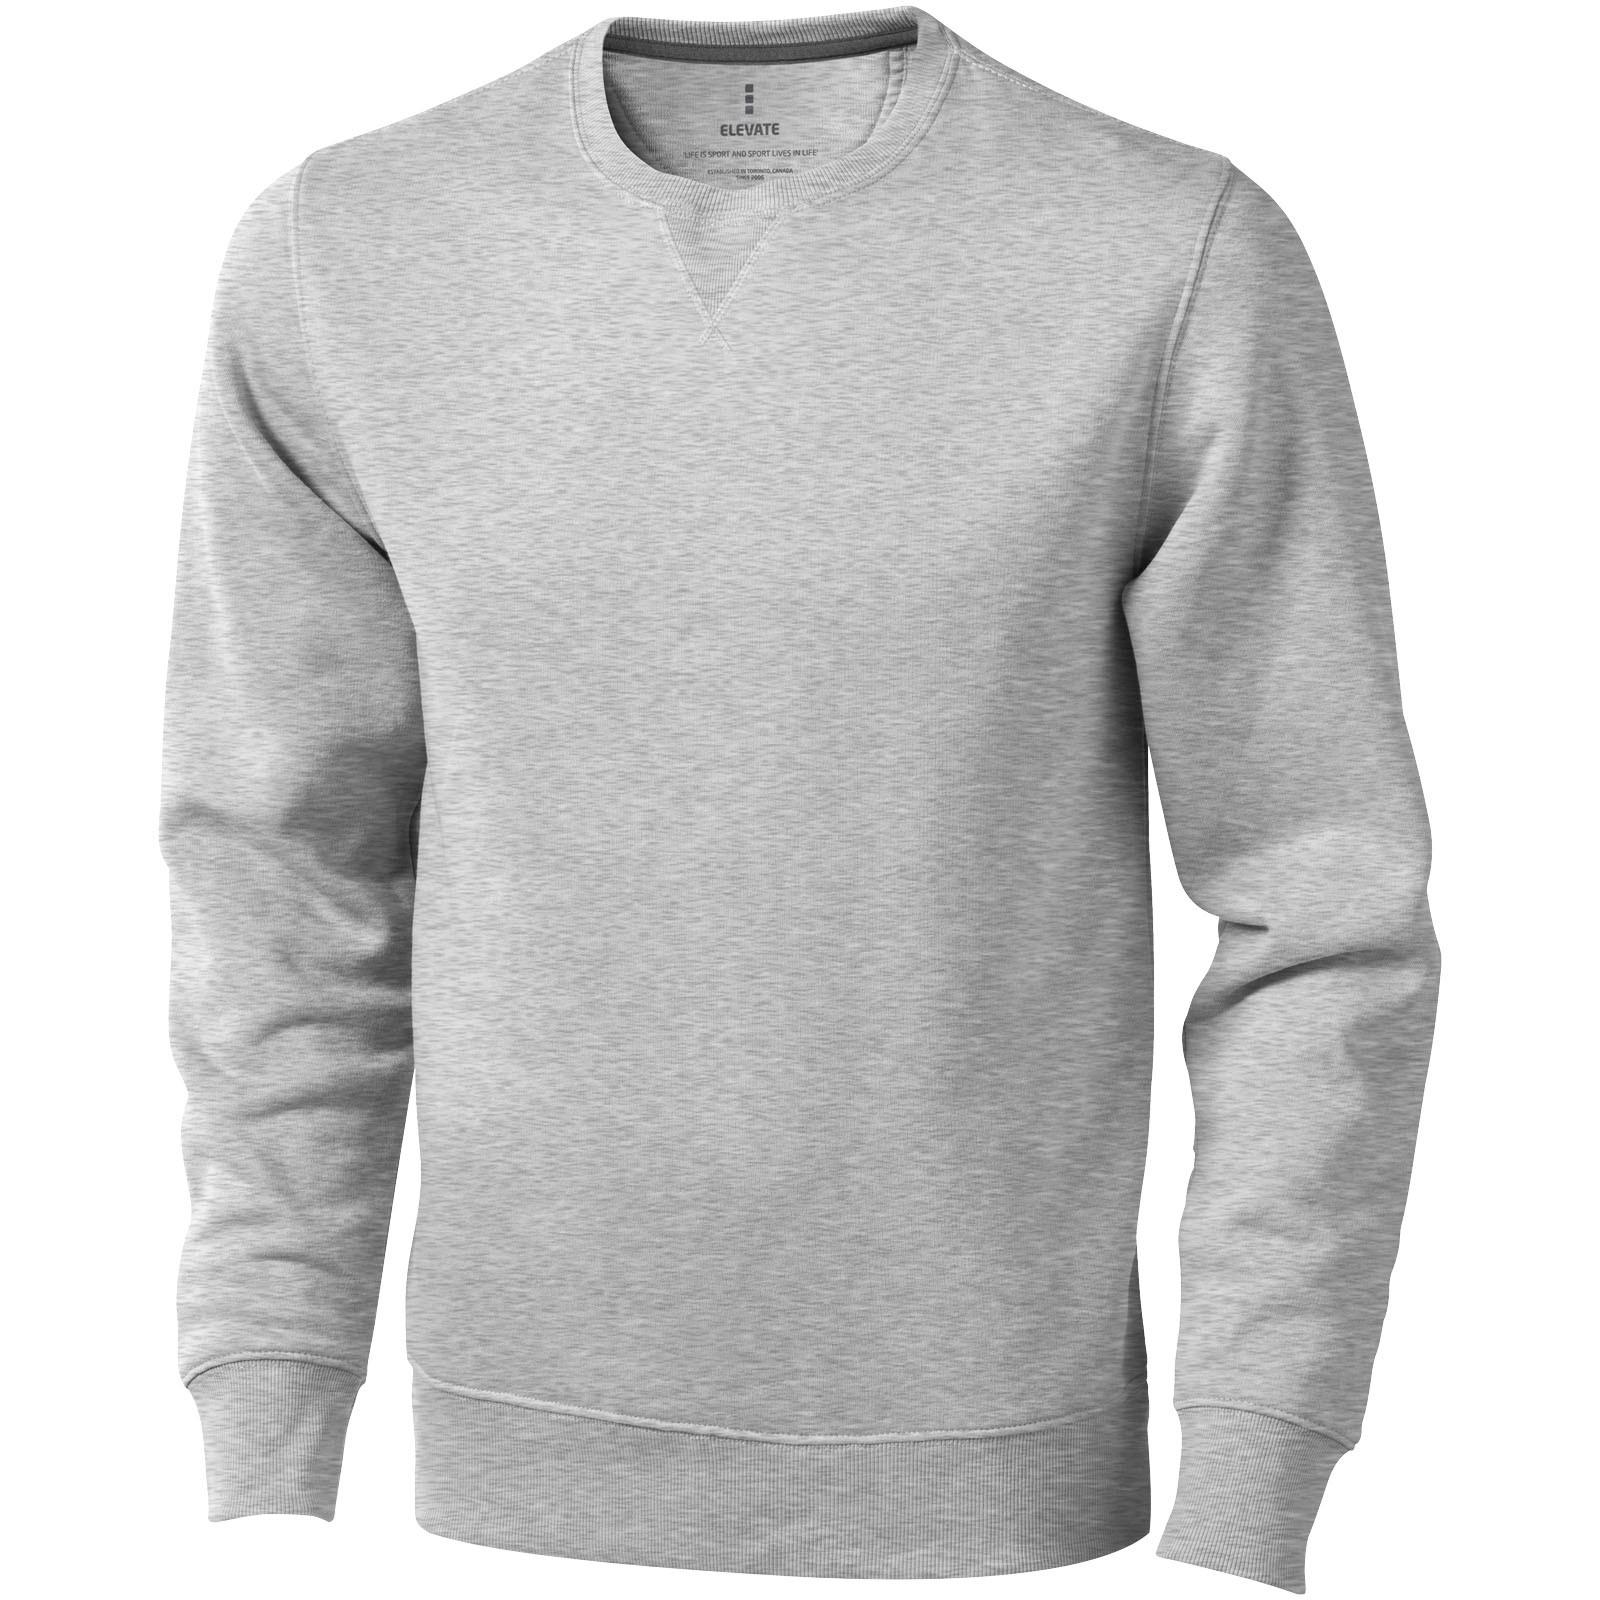 Surrey crew Sweater - Grey Melange / S